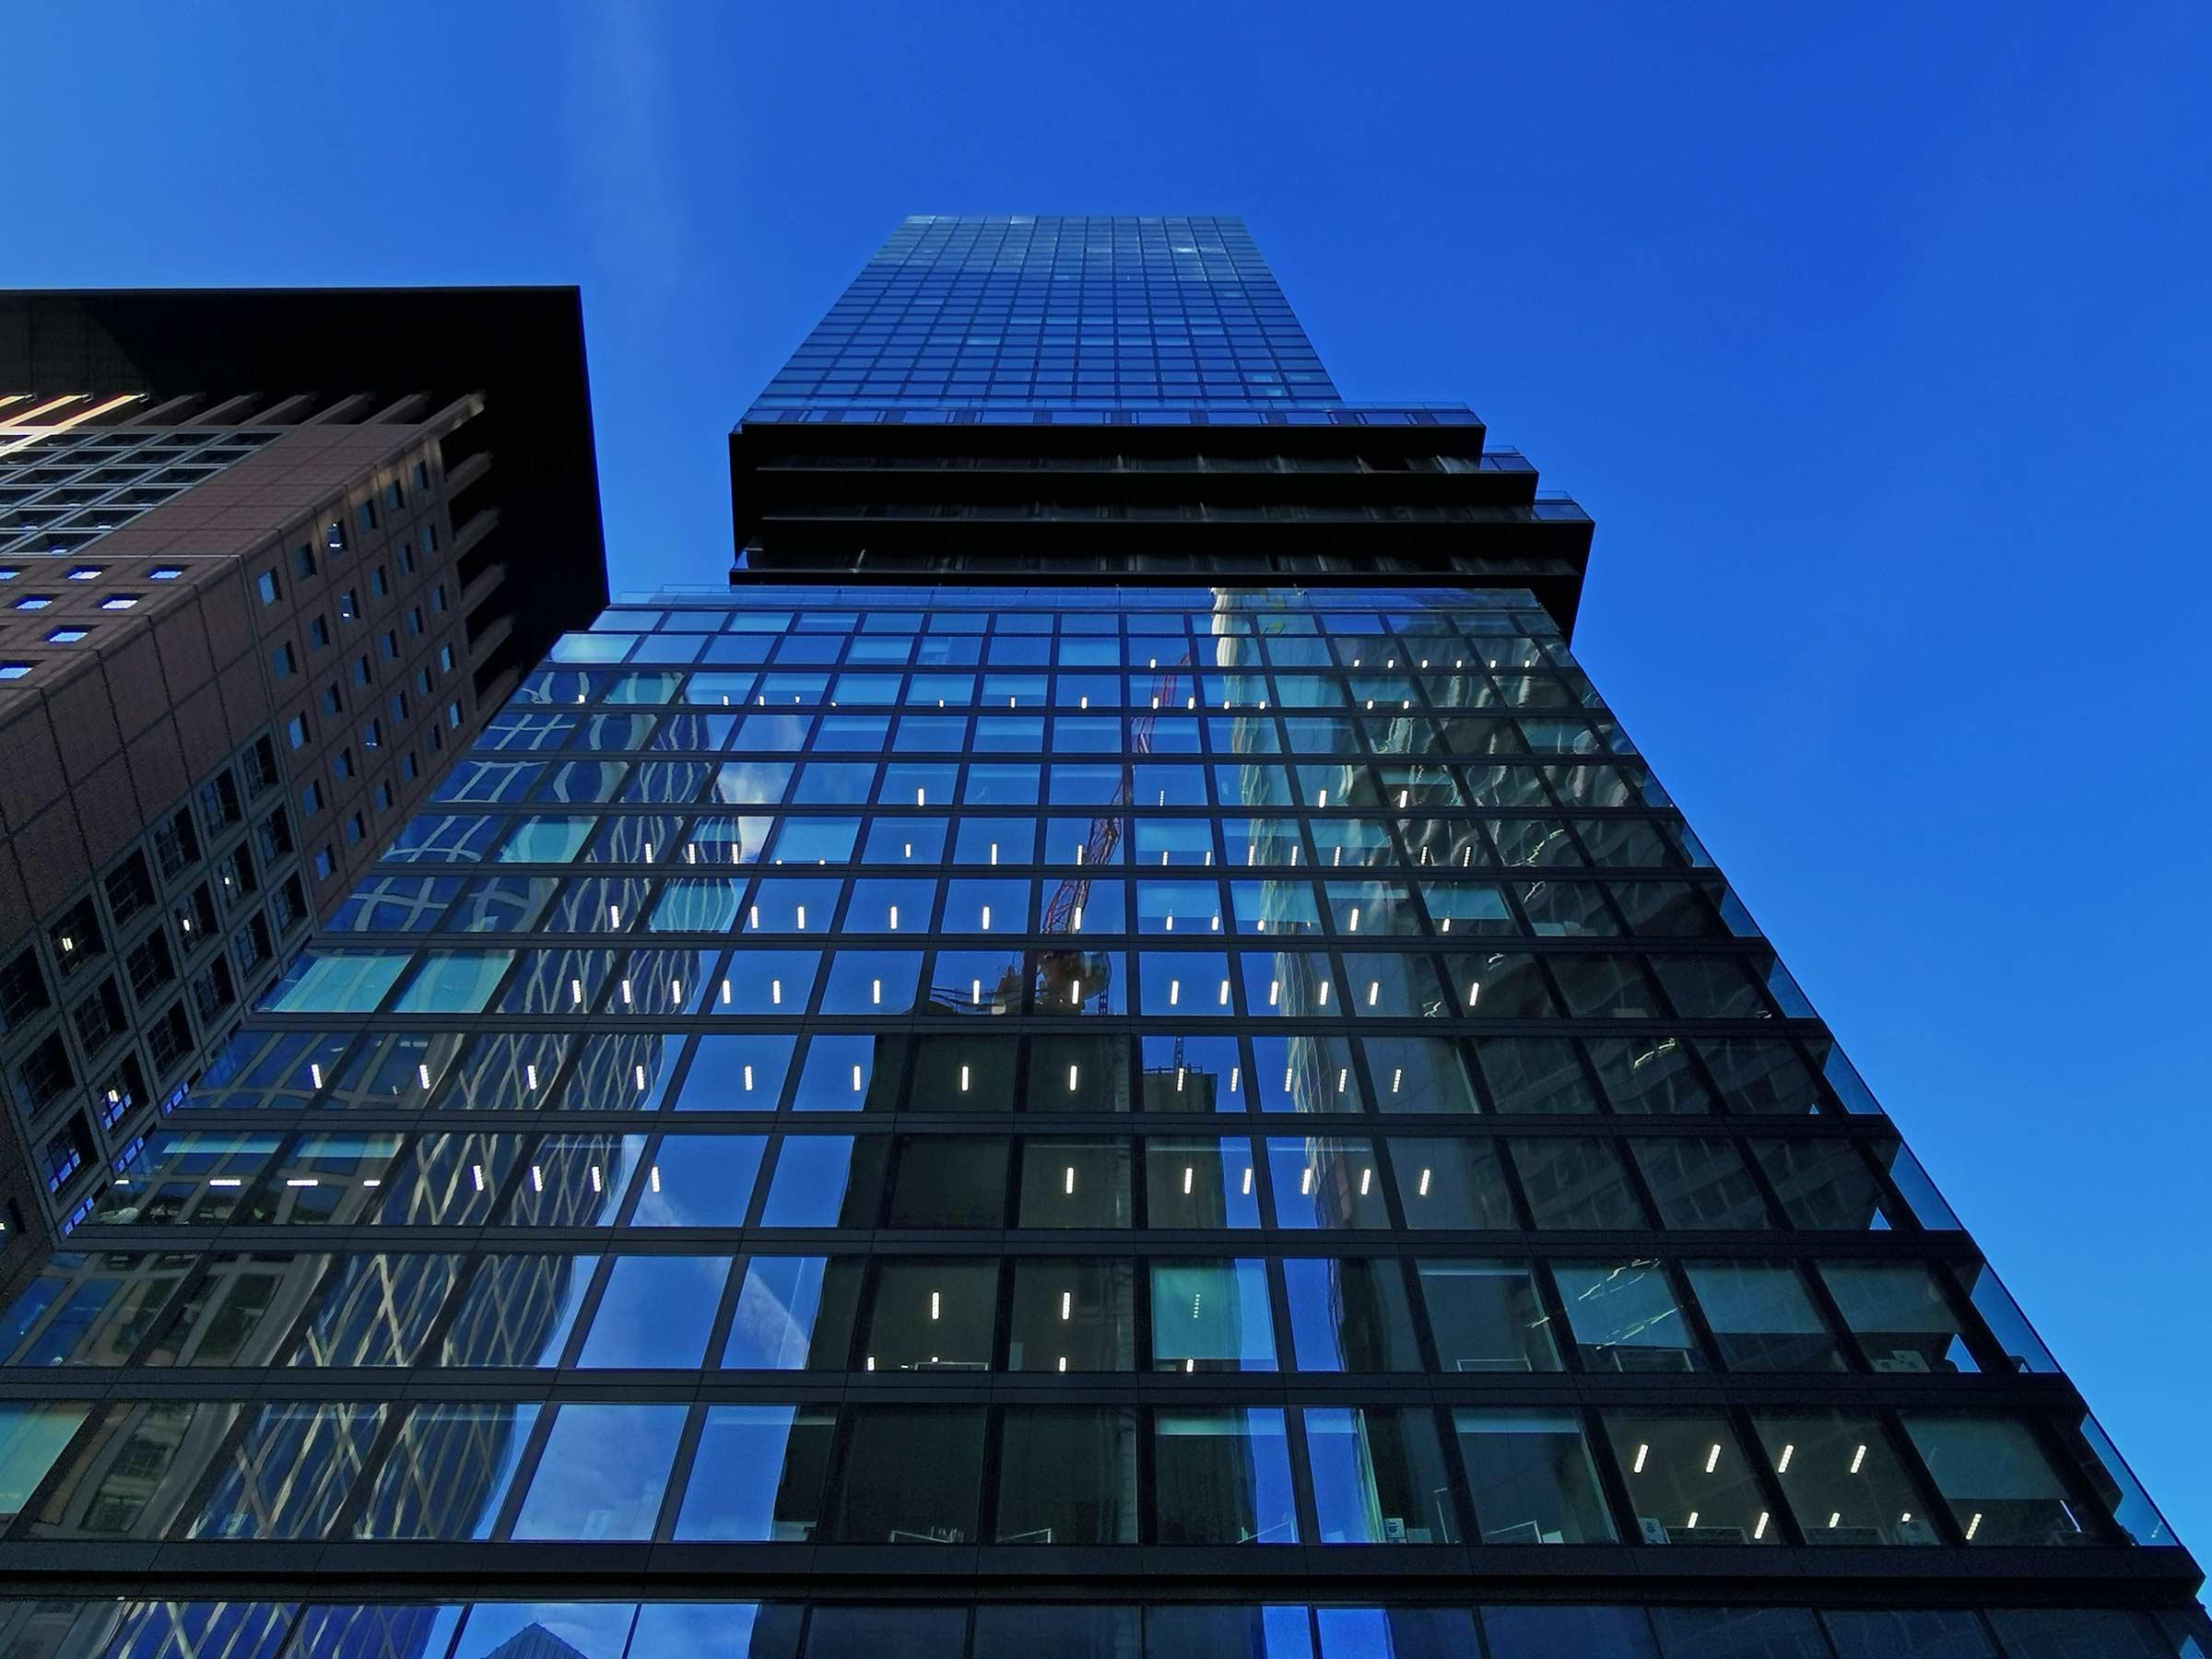 OmniTurm - Knick Turm Frankfurt - Wolkenkratzer 2020 Bankenviertel